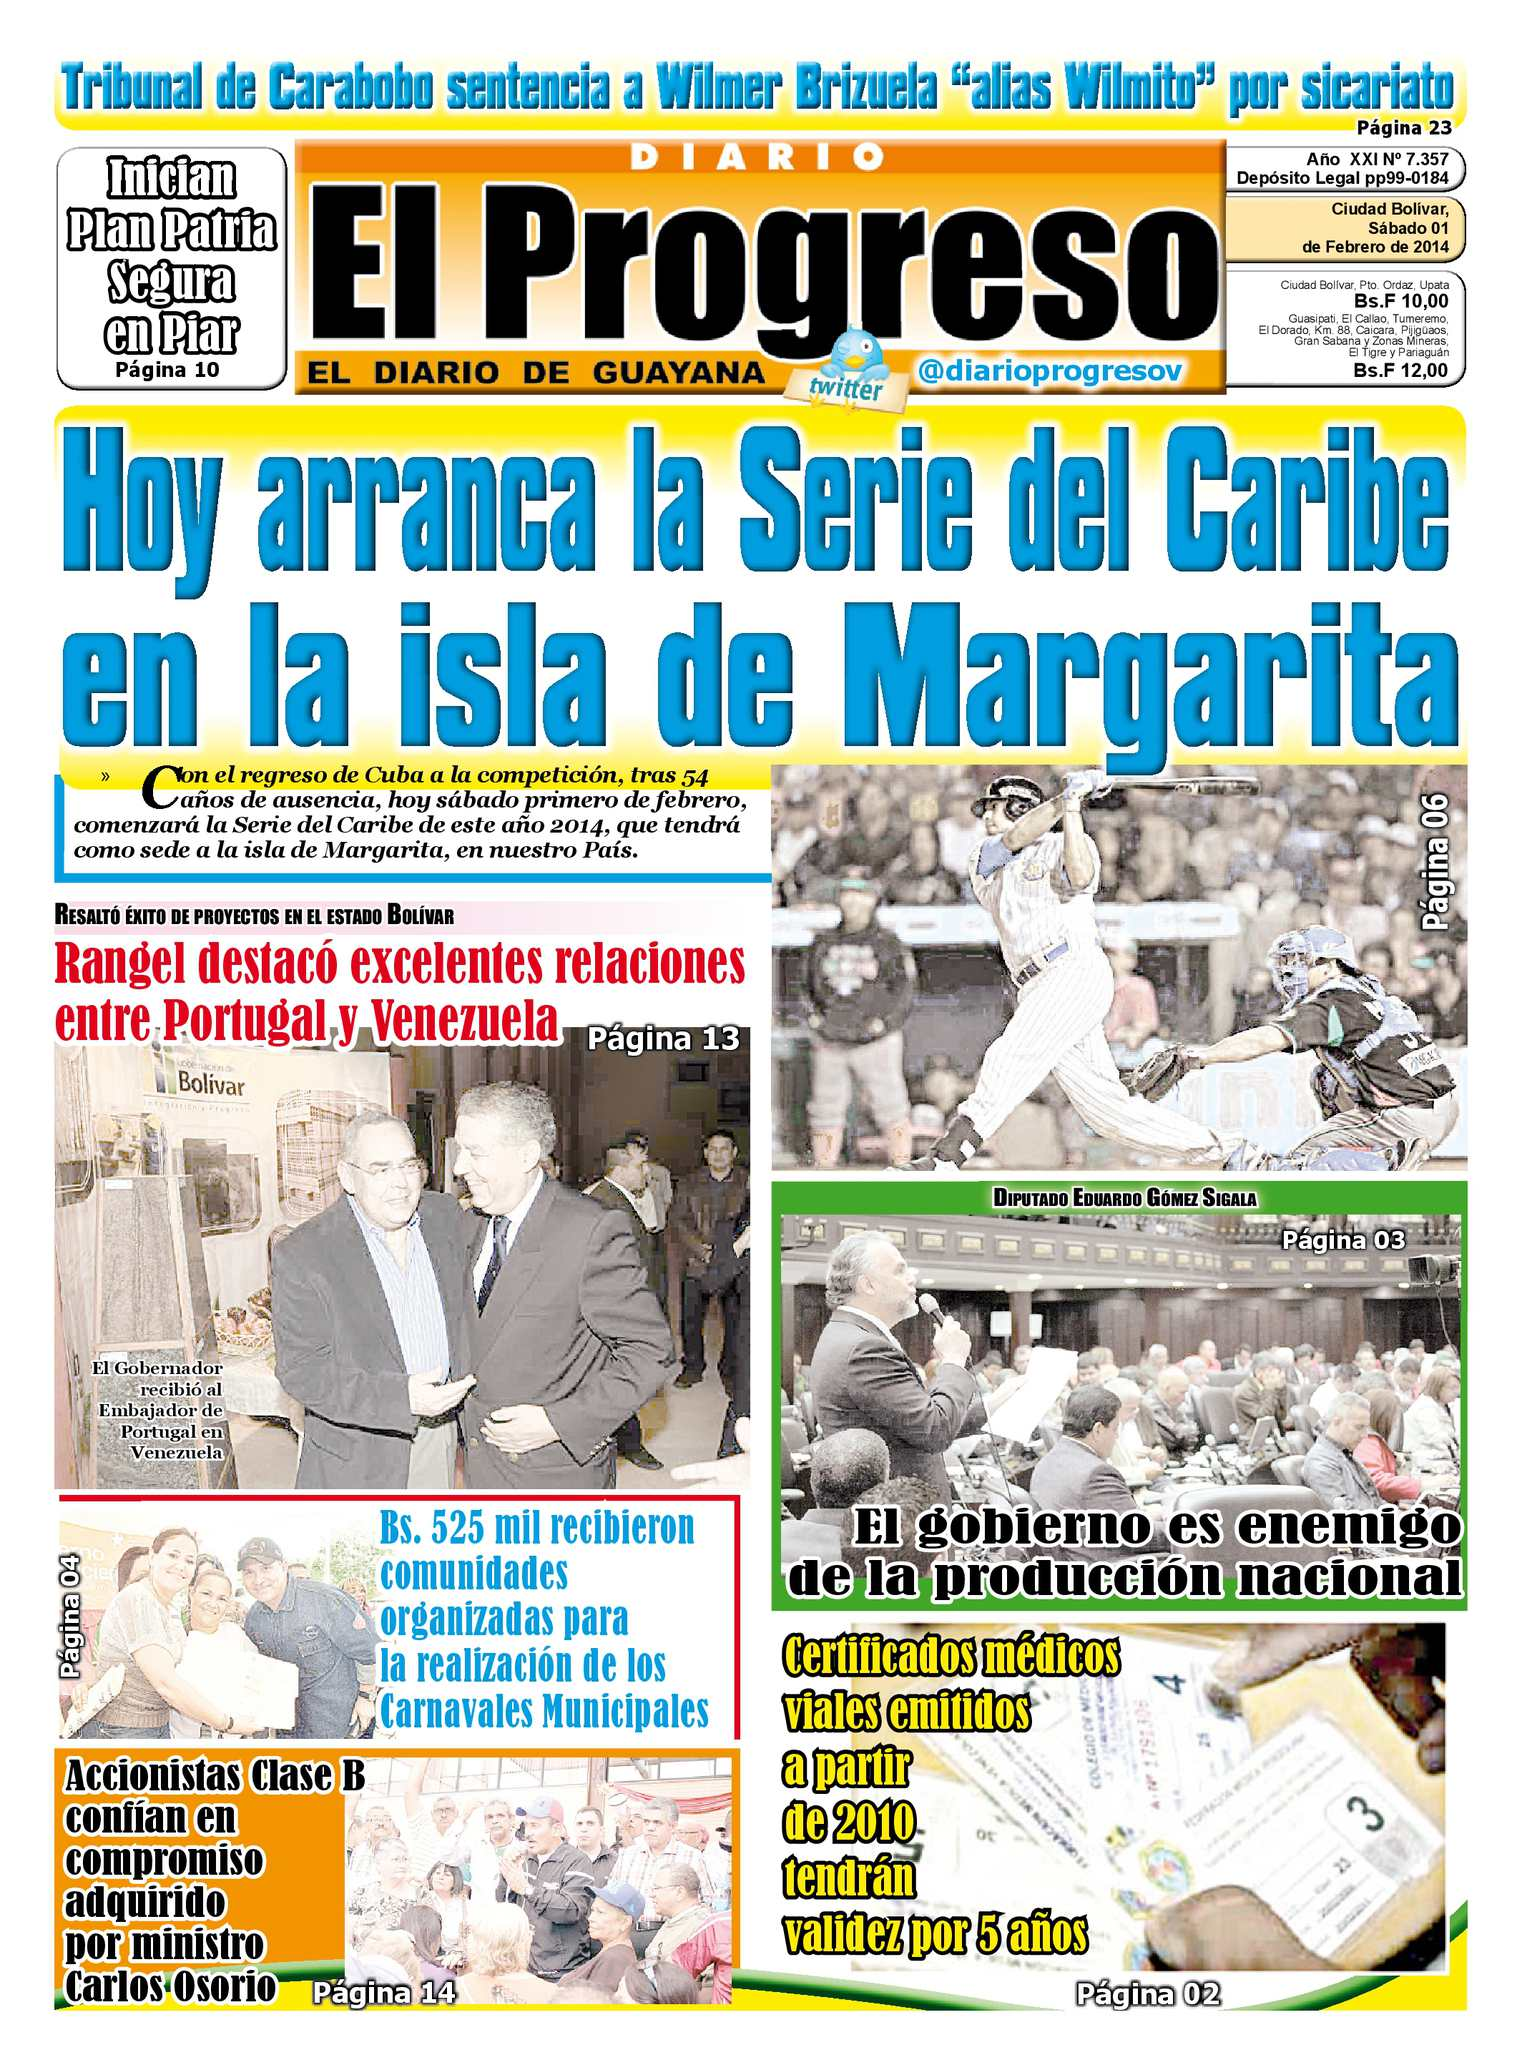 af6c82876ec20 Calaméo - DIARIO EL PROGRESO EDICIÓN DIGITAL 01-02-2014